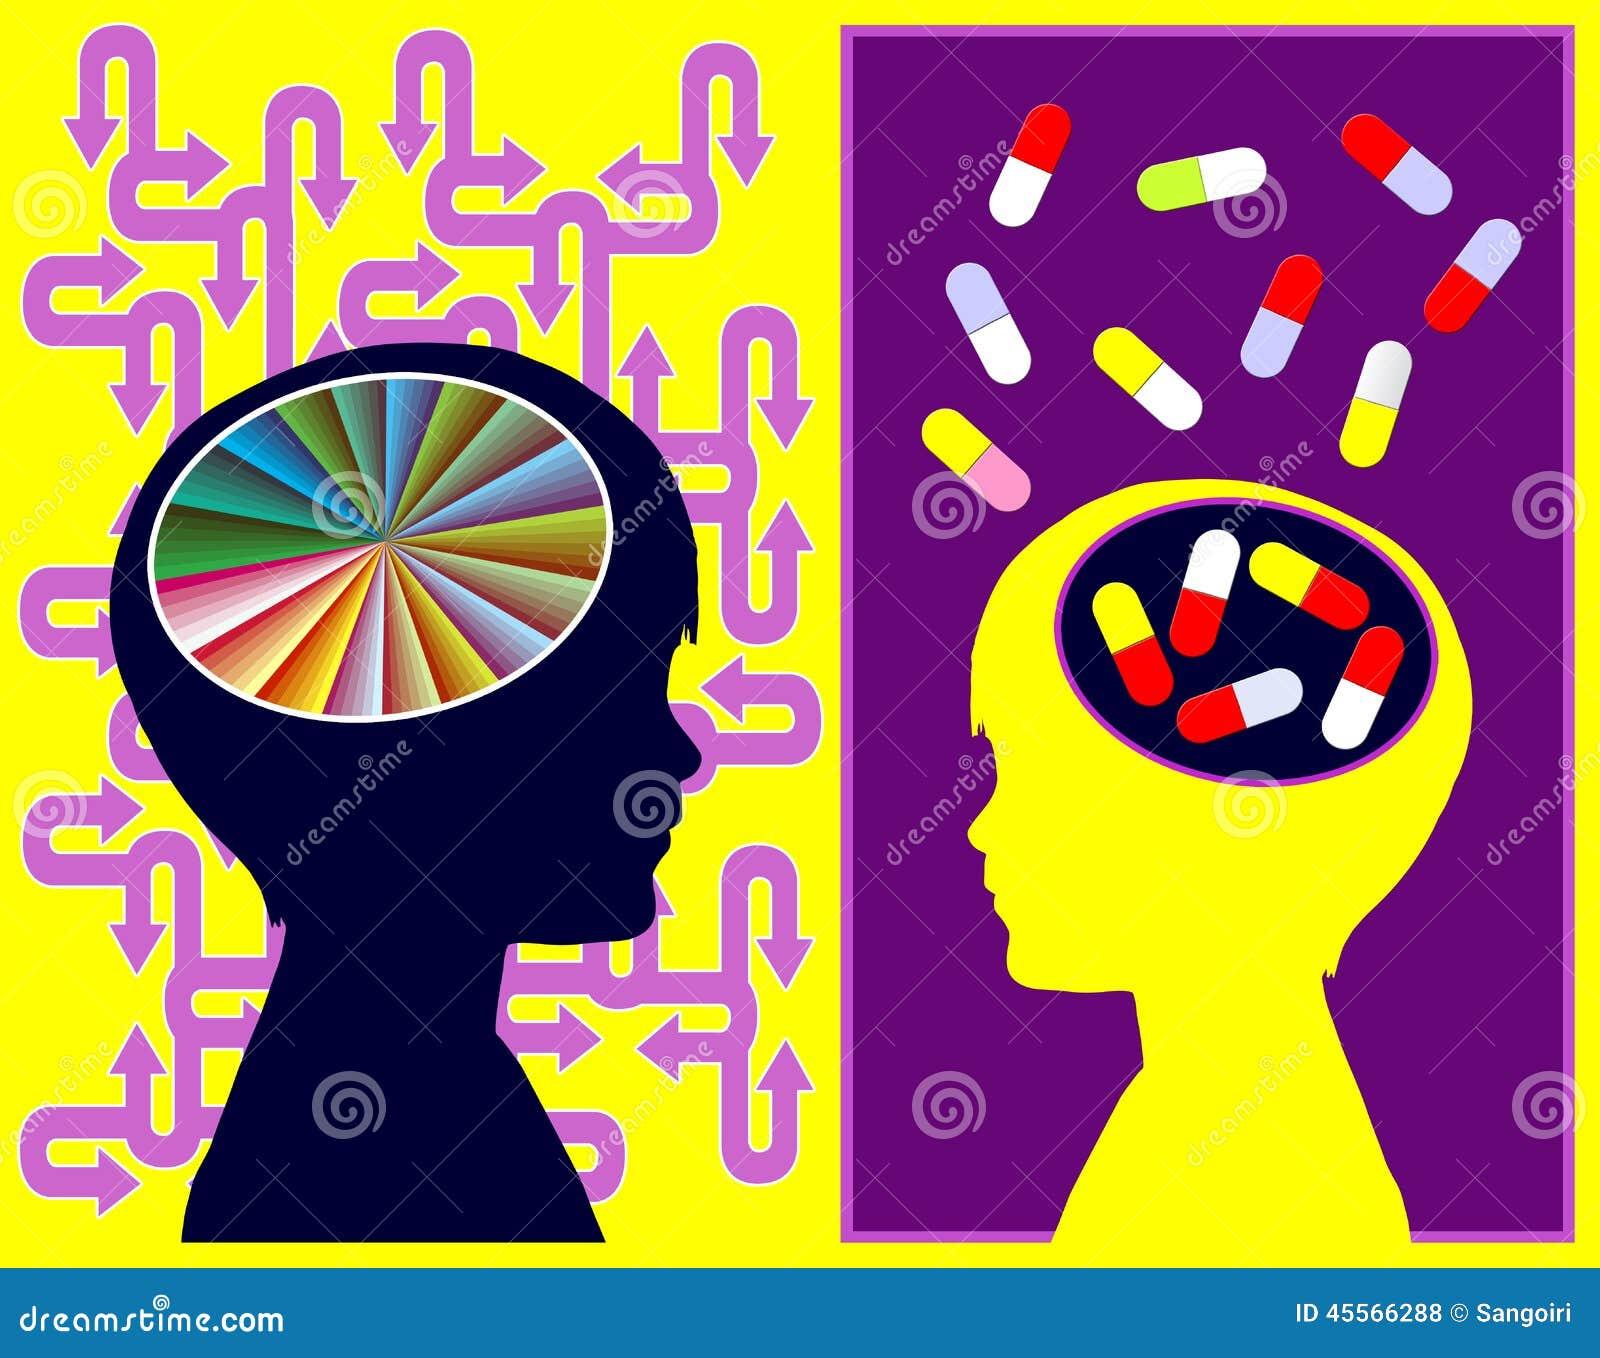 ADHD-Medikation